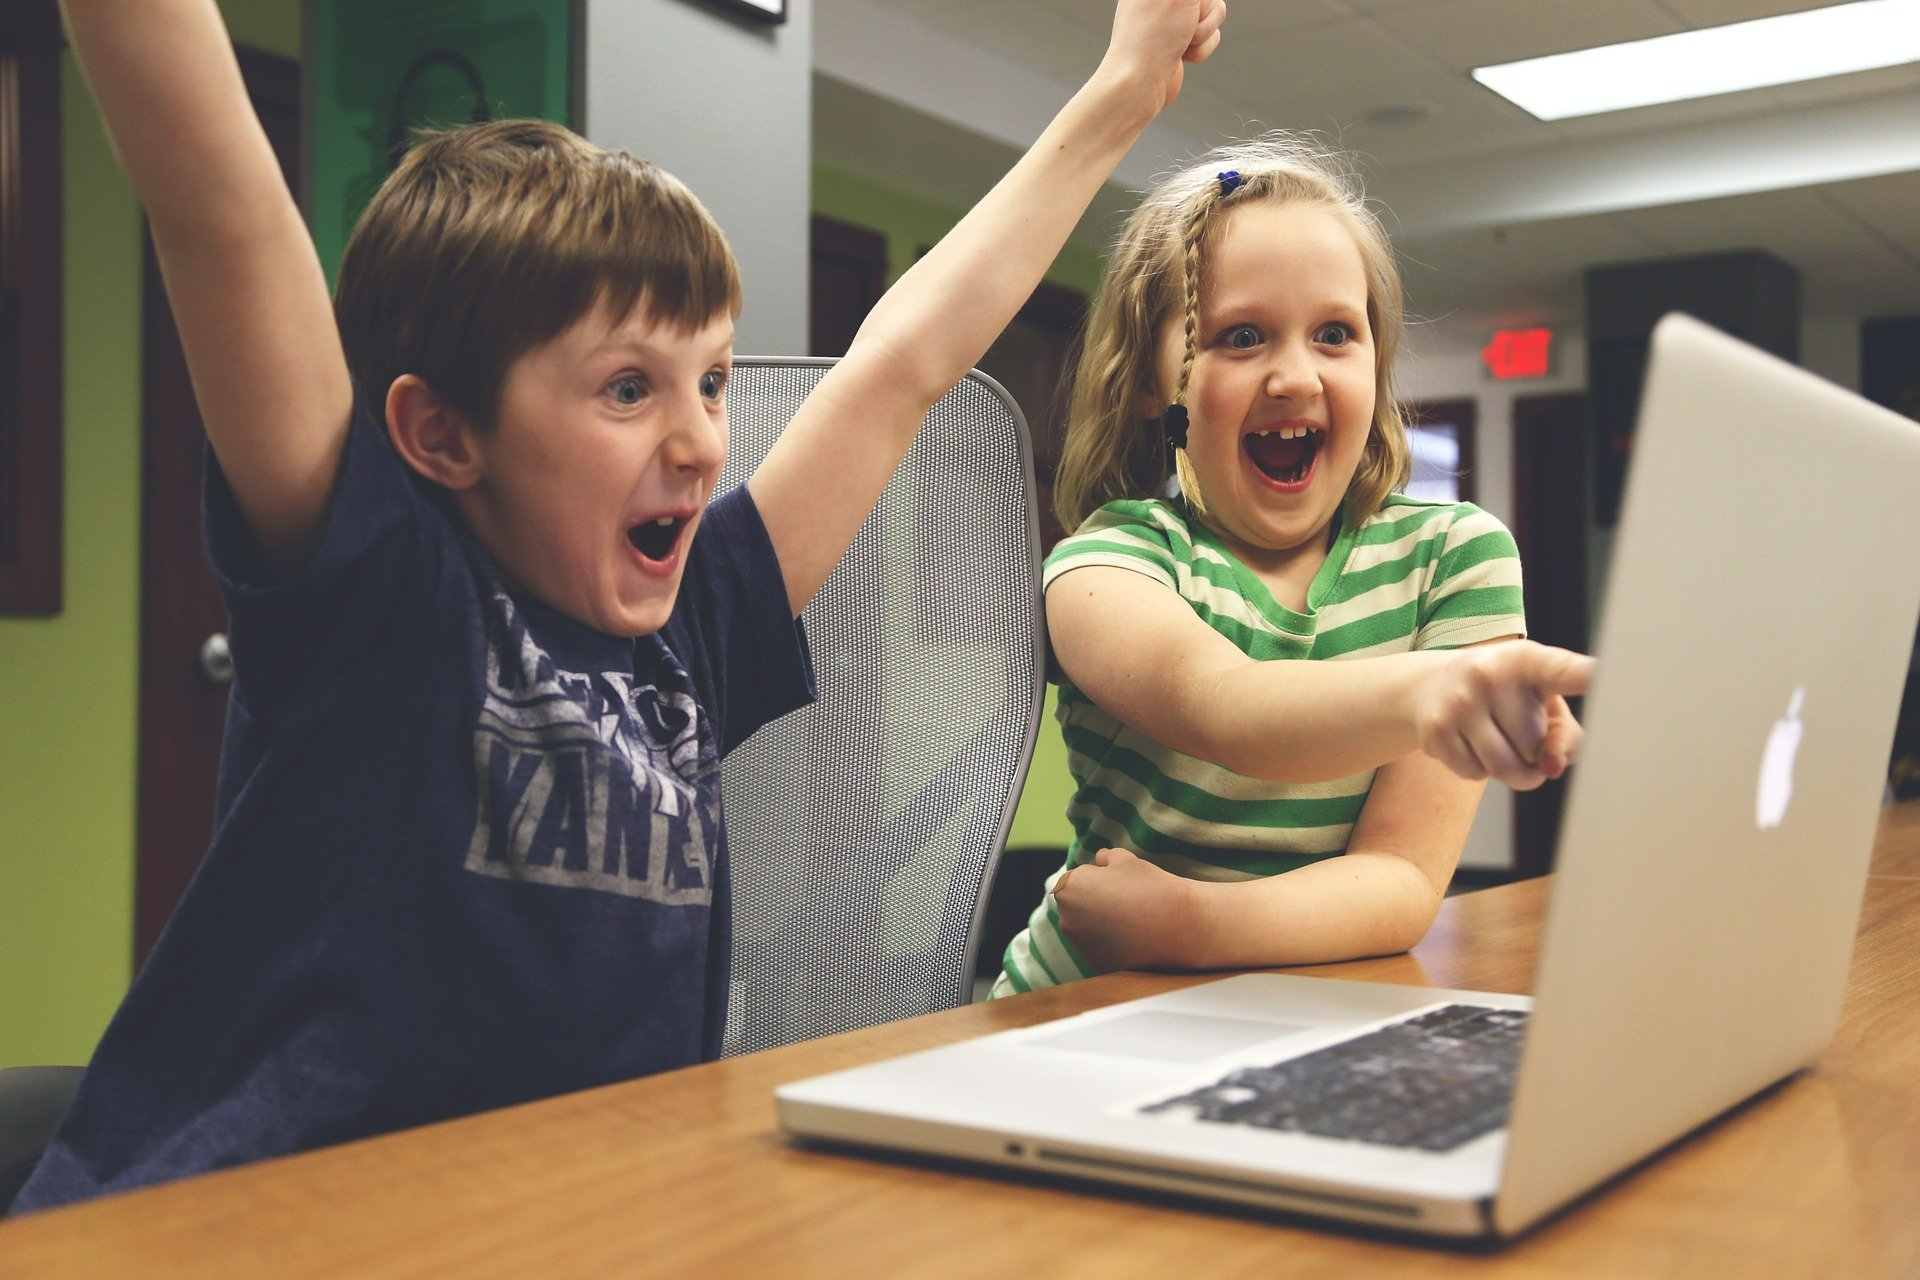 オンラインレッスンで生徒満足度を上げる秘訣とは!?